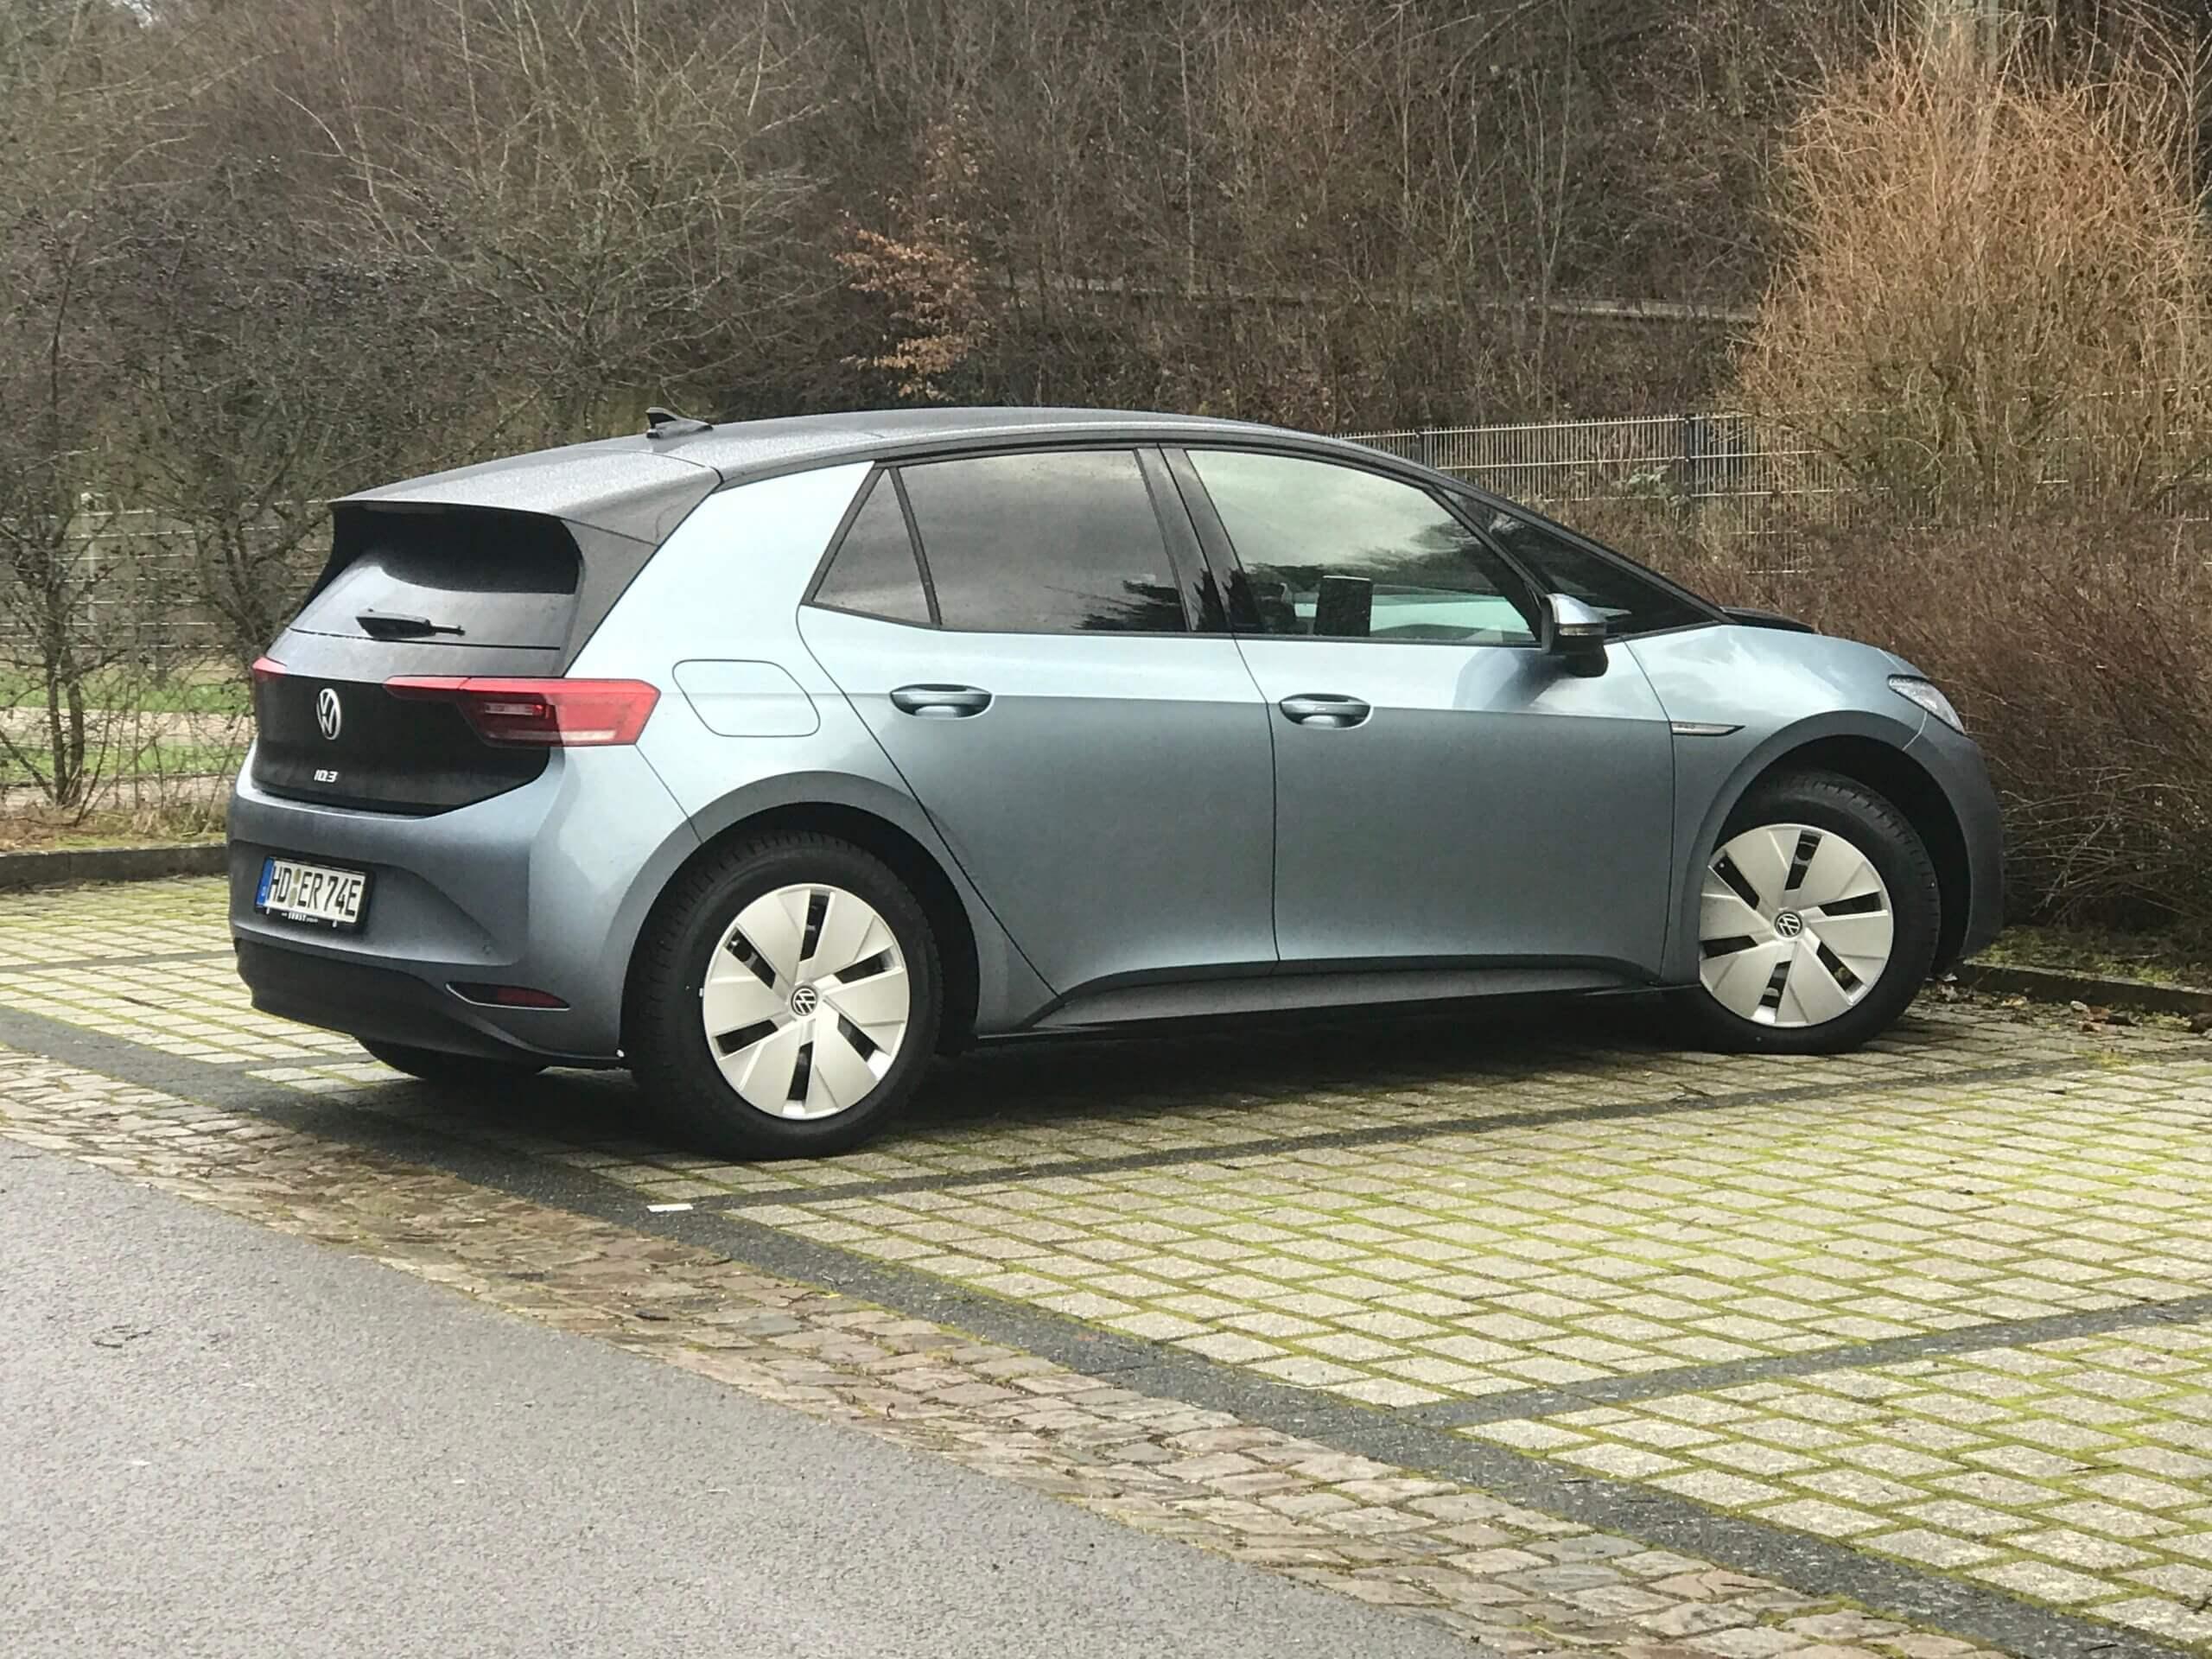 VW ID.3 mieten in Heidelberg